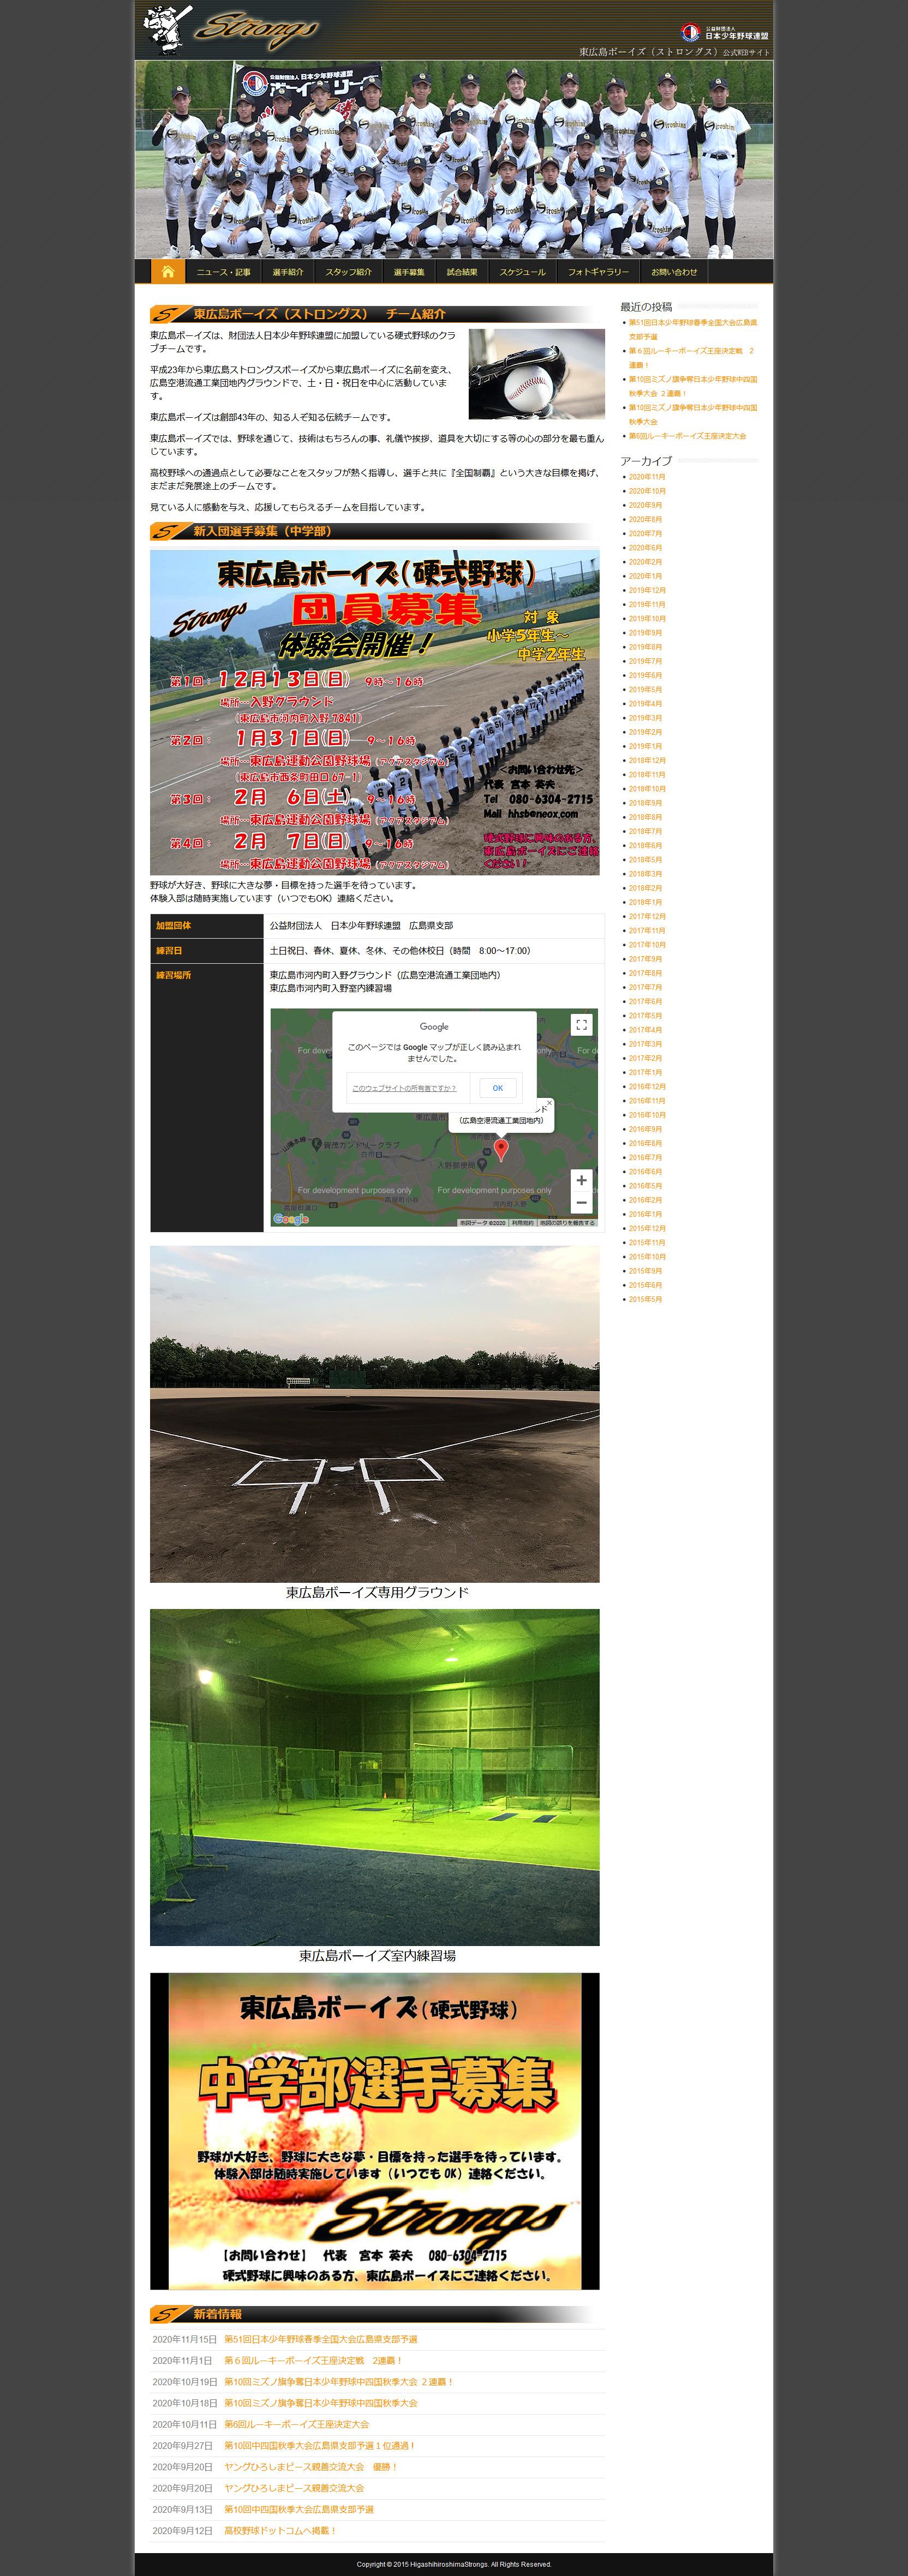 硬式野球クラブチーム(ボーイズリーグ)WEBサイト制作